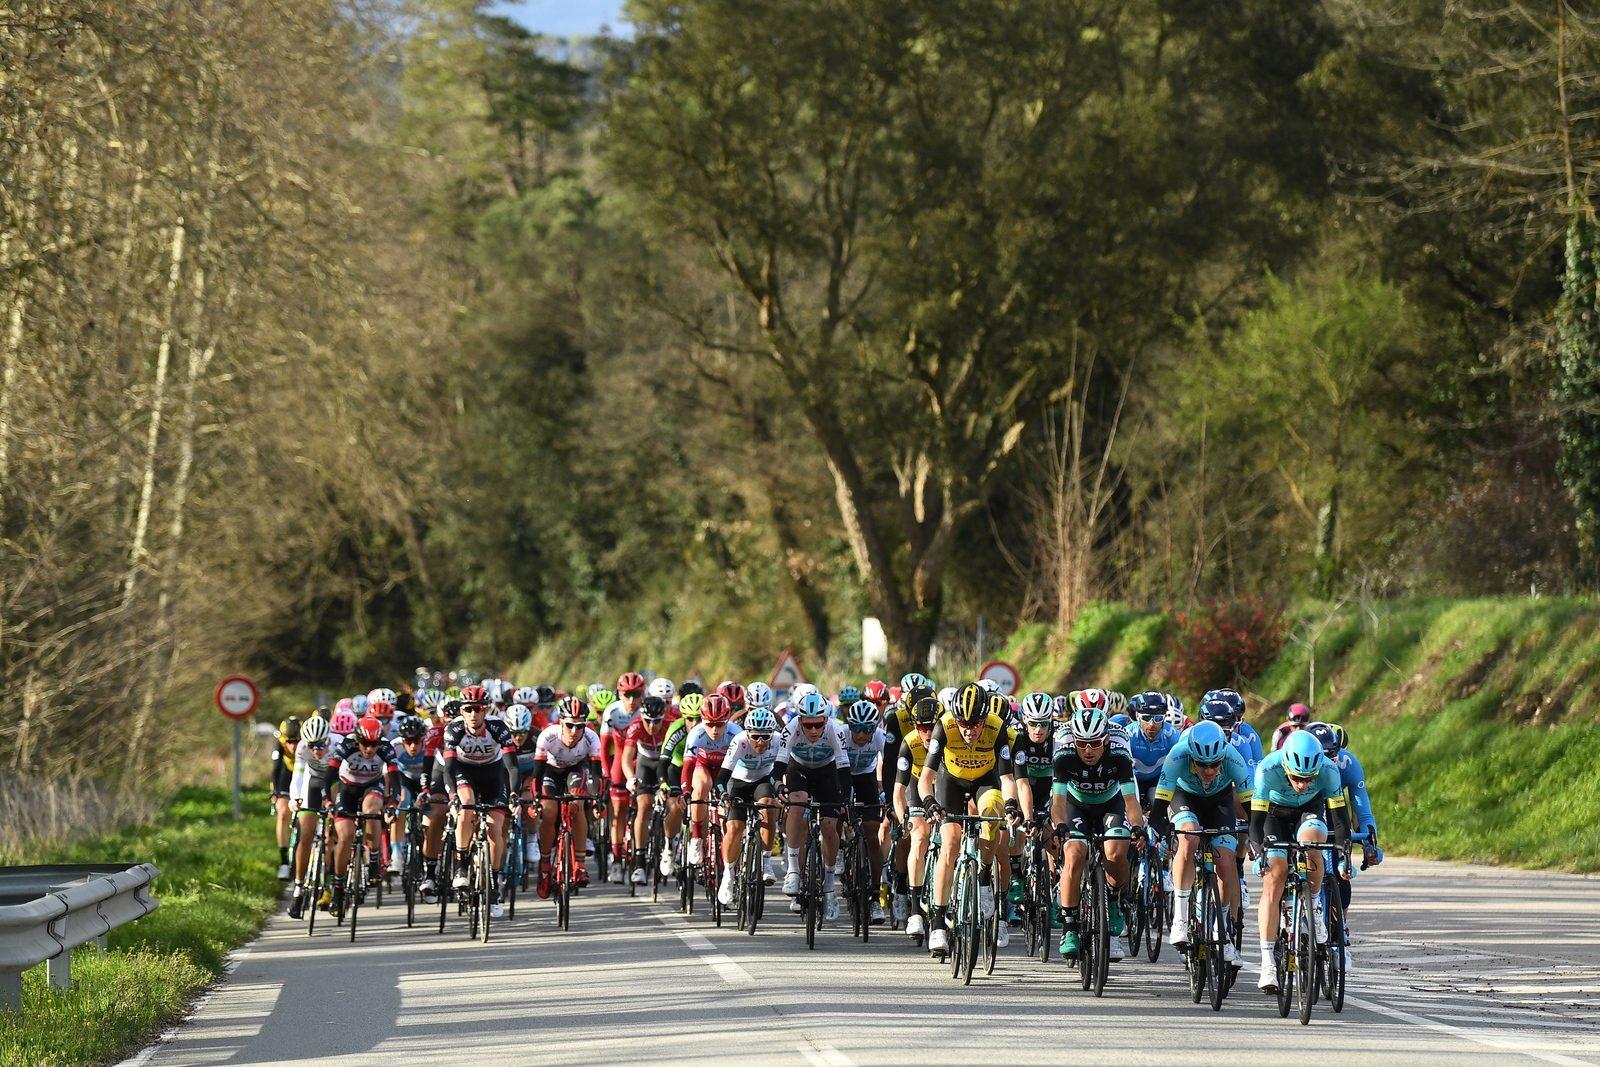 Первый этап велогонки «Вуэльта Каталонии — 2018» (Volta Ciclista a Catalunya)